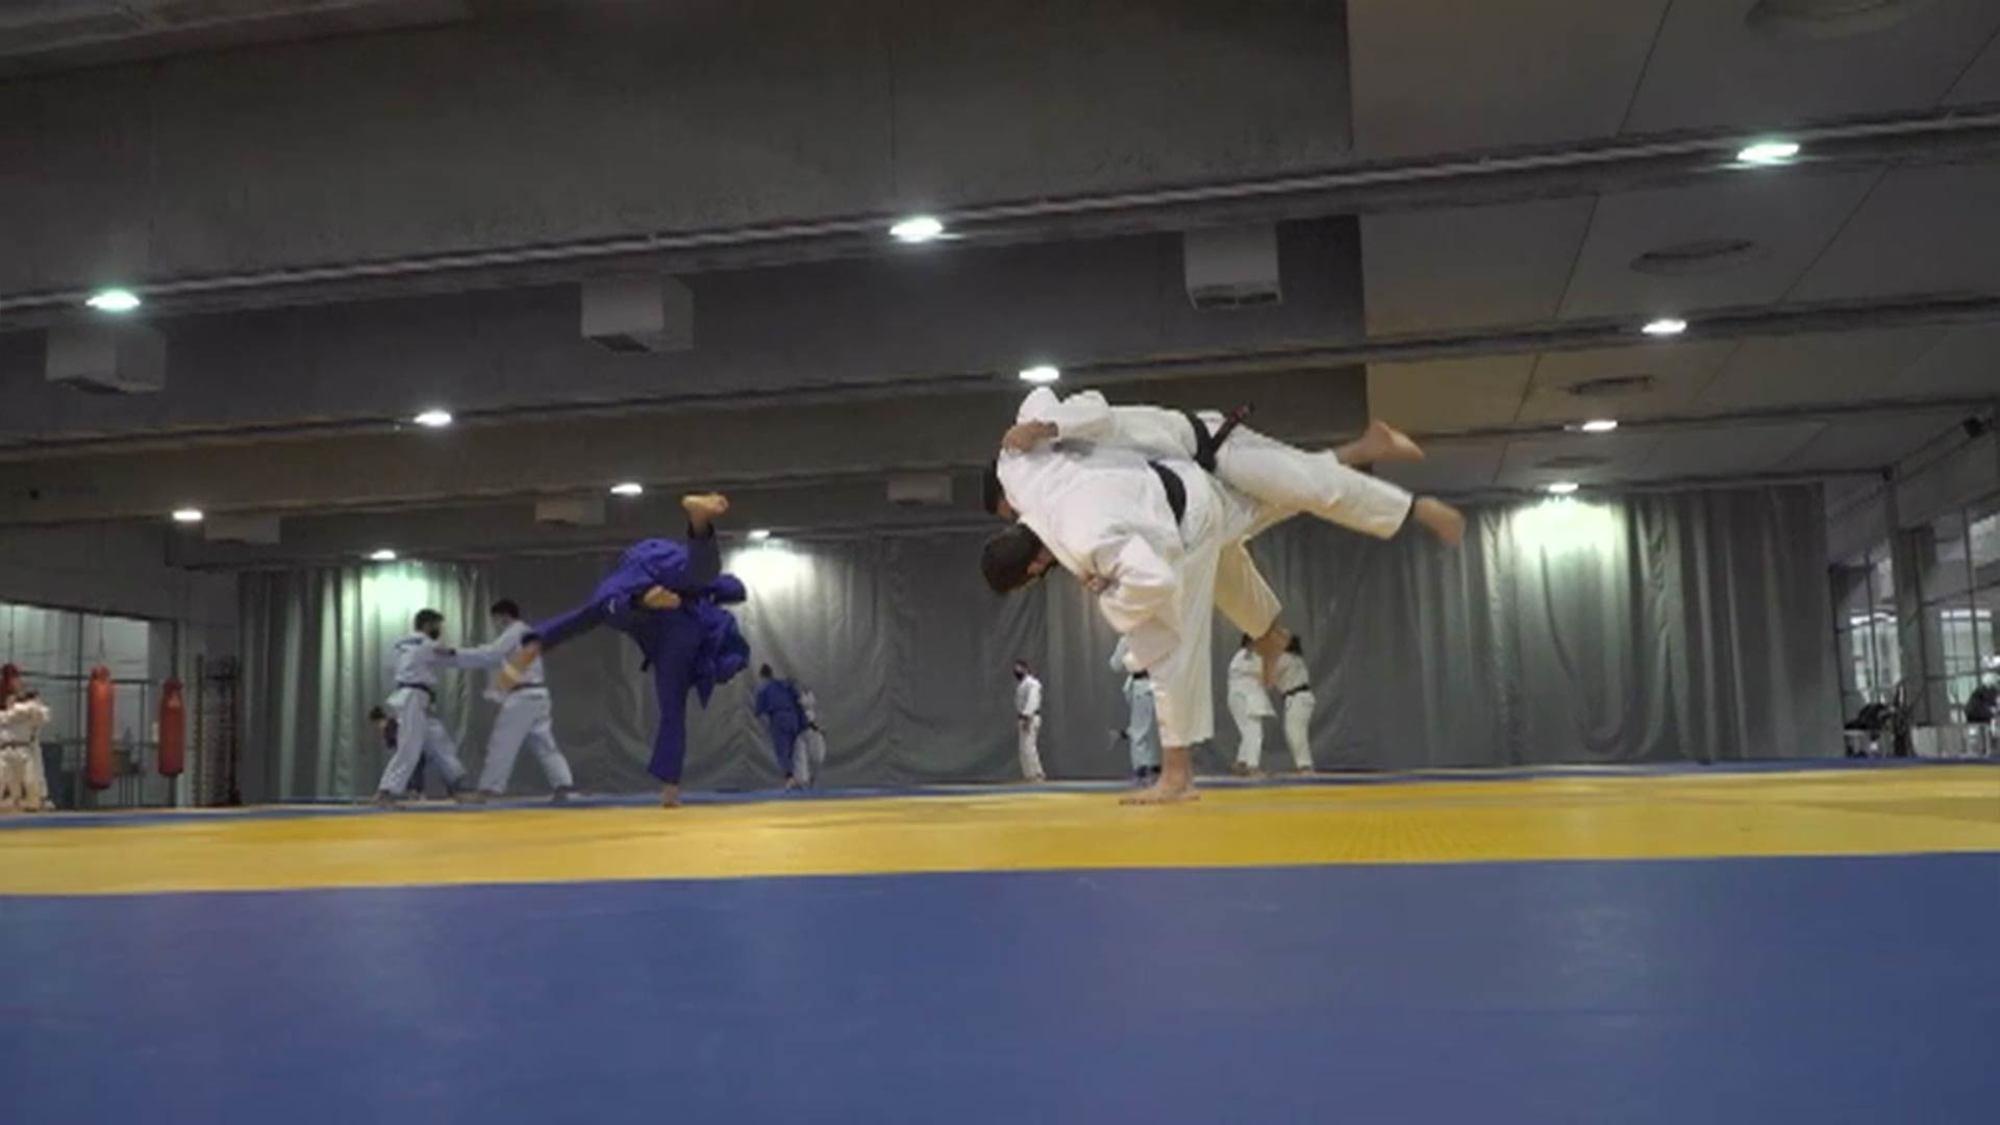 En este programa: récords y marcas mínimas en atletismo y natación, concentraciones del equipo nacional de judo y del de jóvenes promesas de ciclismo y un autobús que recorre el país para conmemorar el 25 aniversario del Comité Paralímpicos Español